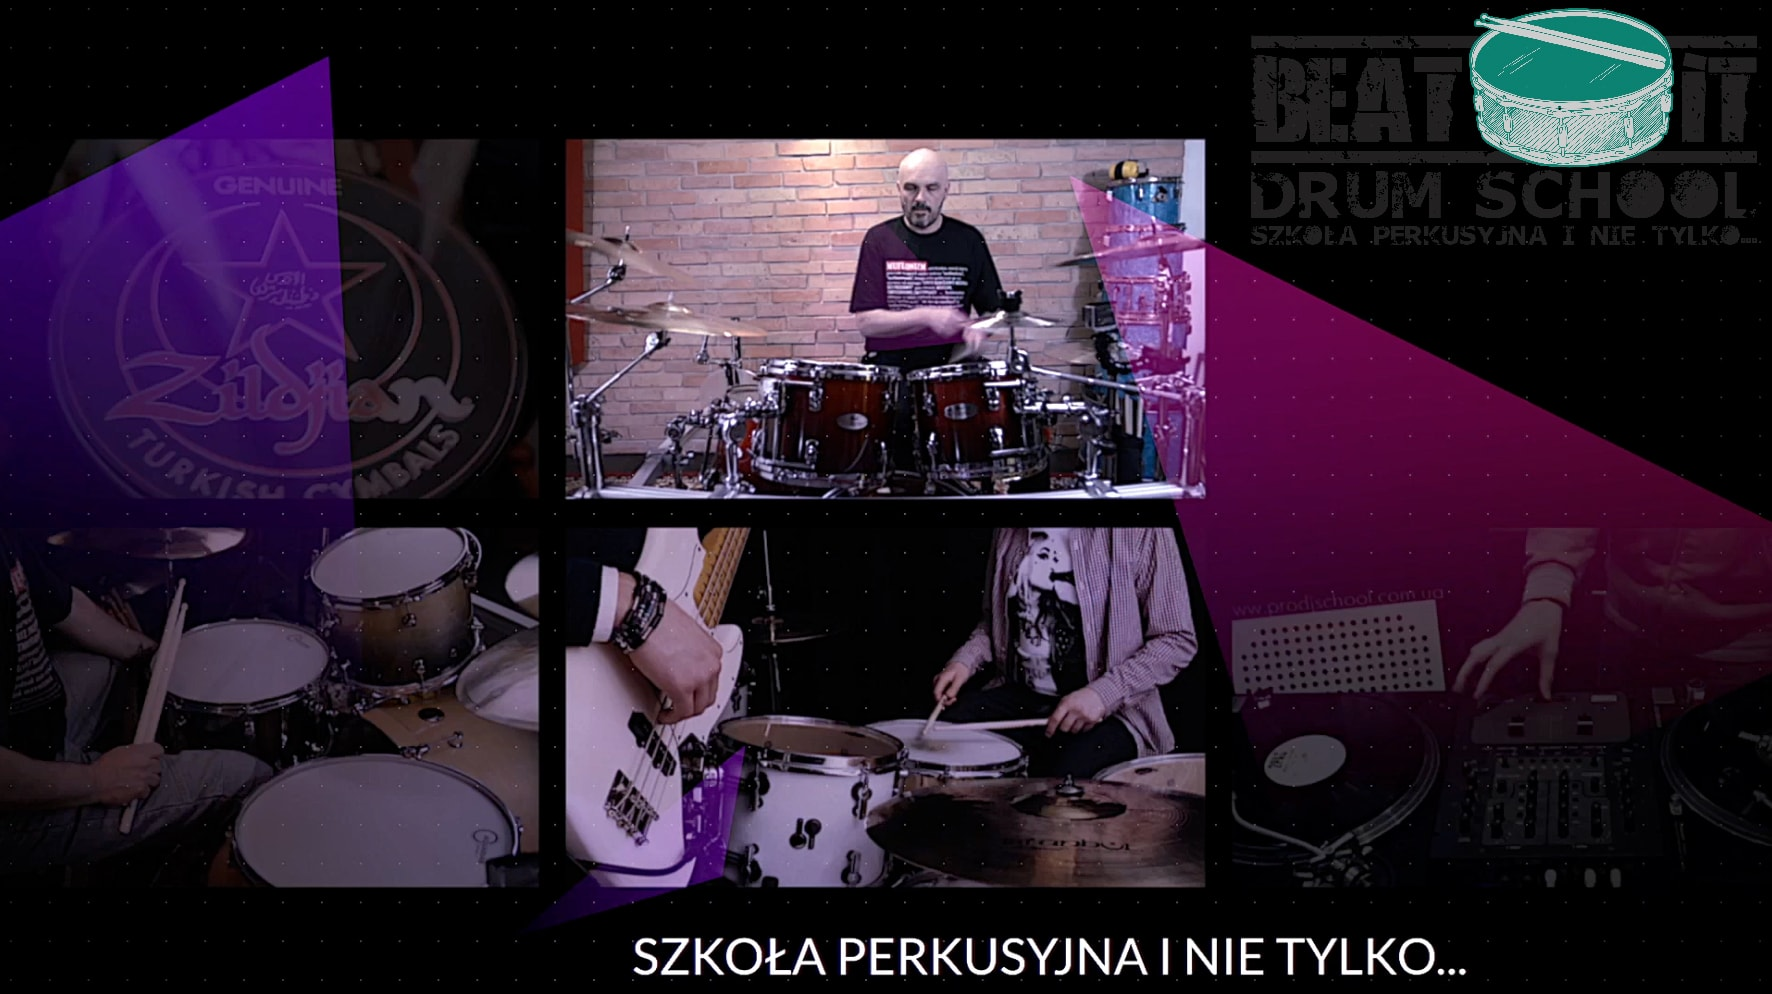 Beatit Drum School kadr